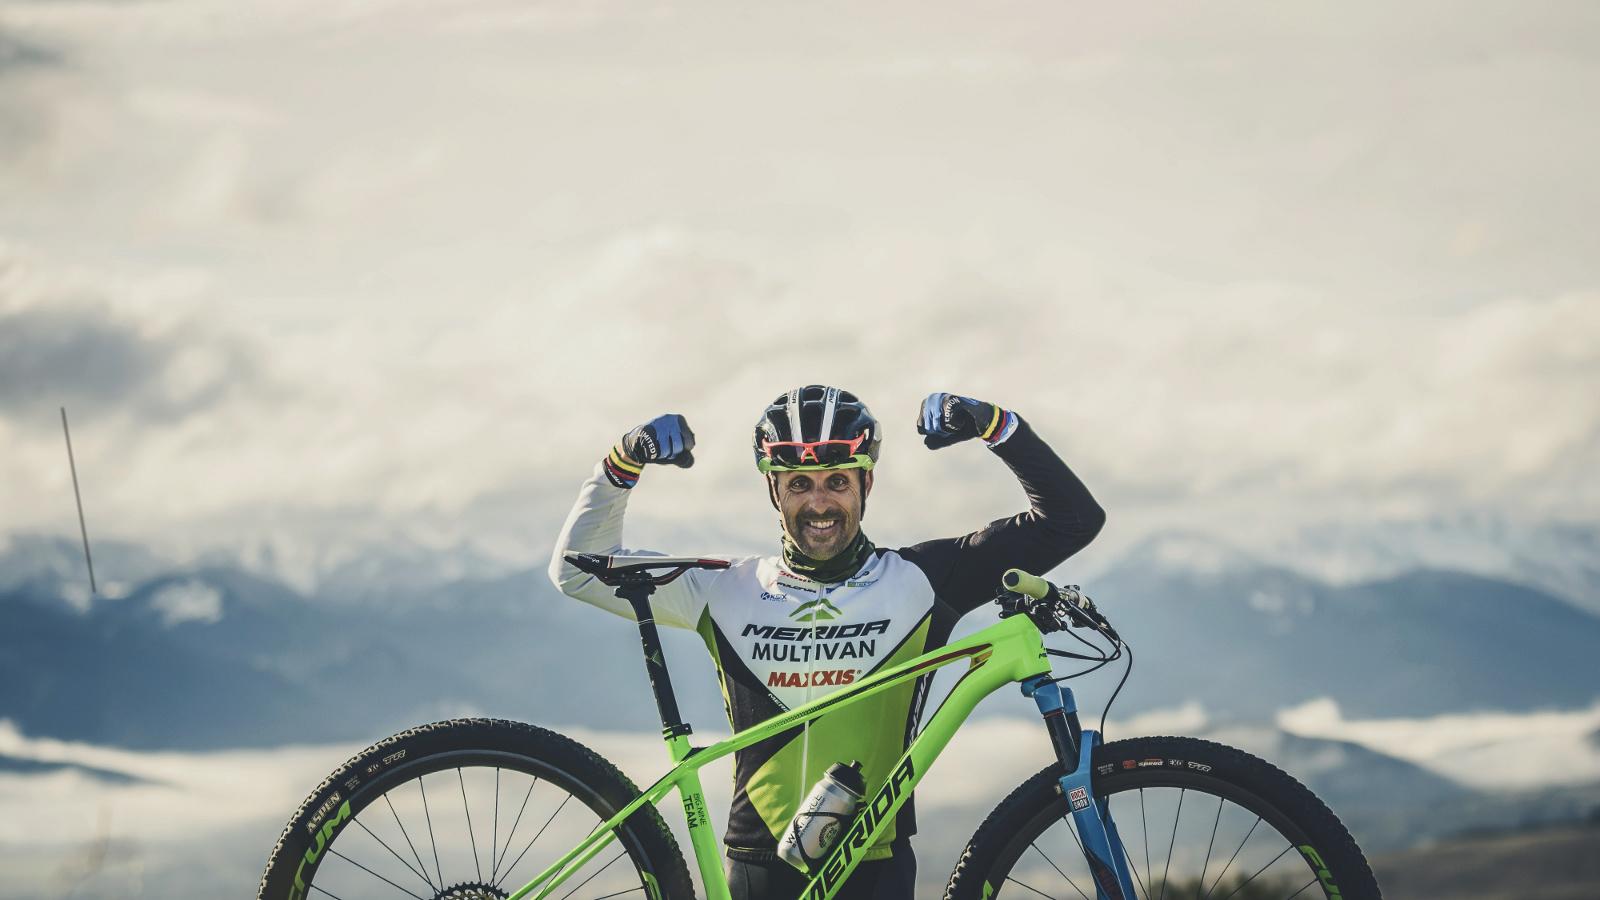 Jose Antonio Hermida: kolarstwo górskie potrzebuje postaci, które pociągną za sobą innych